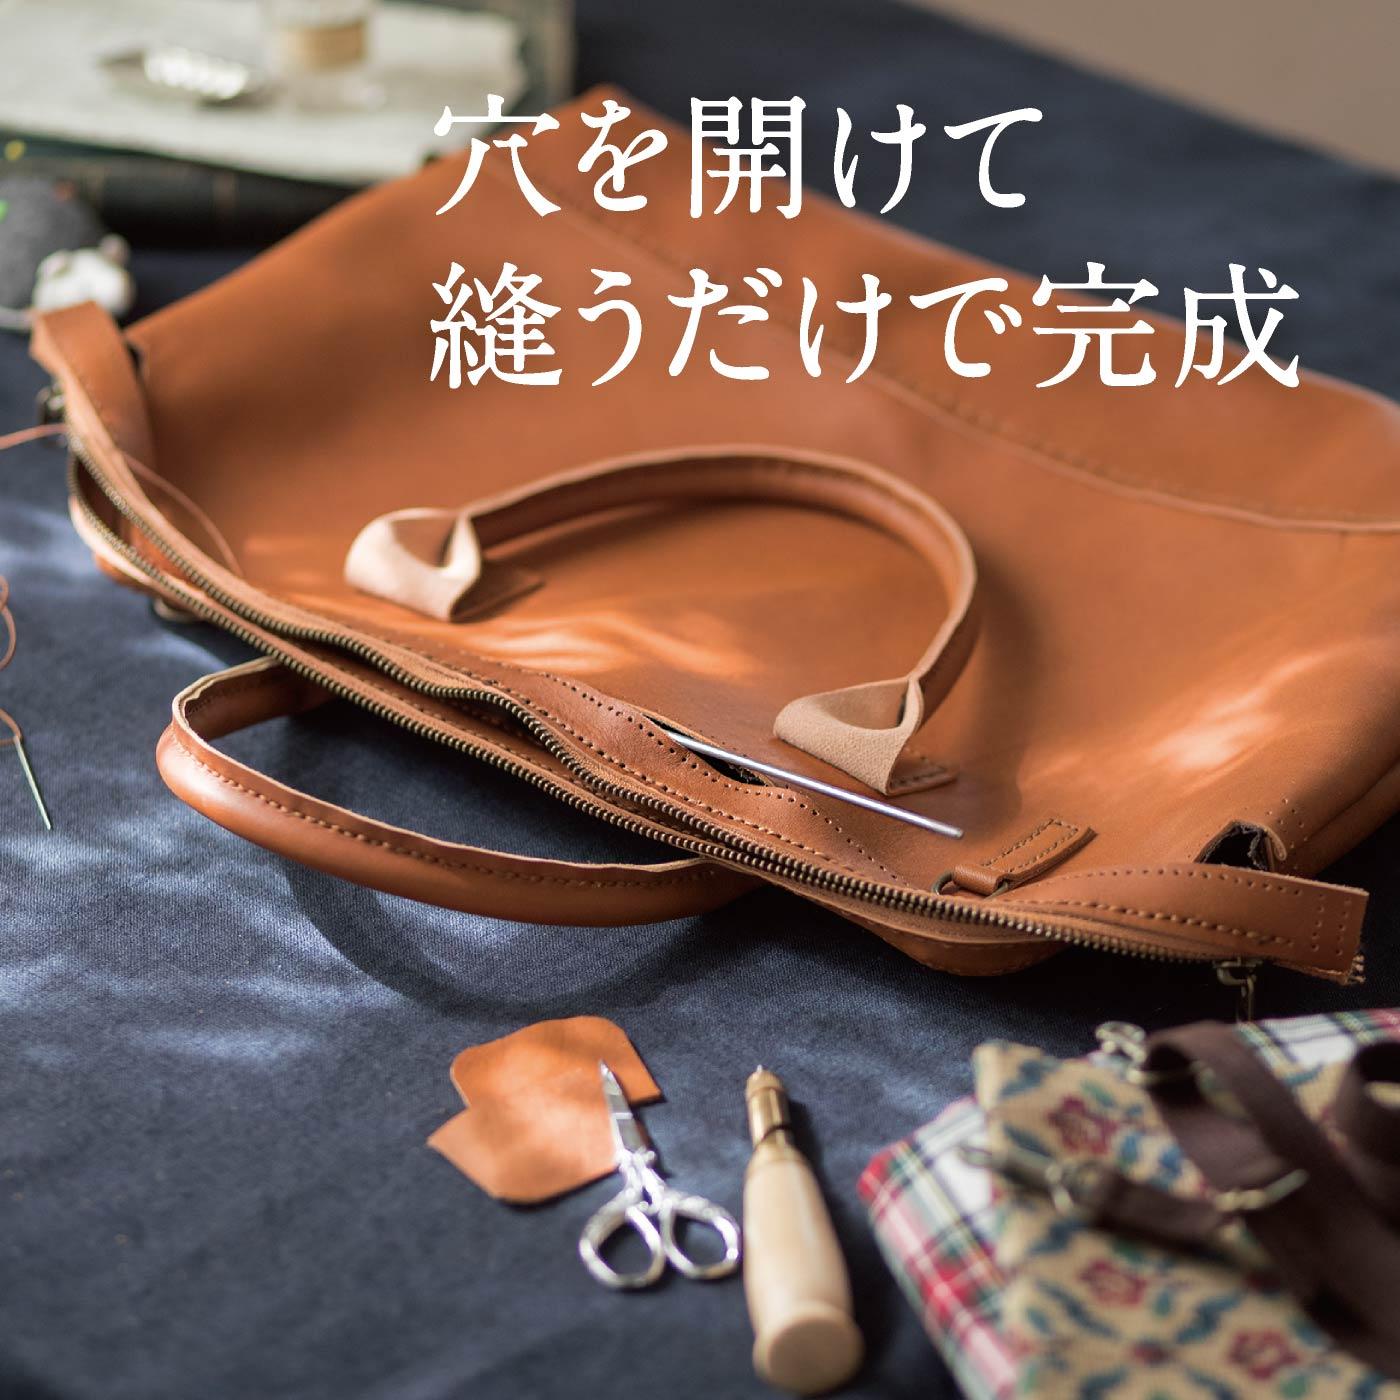 届いた革パーツに穴を開けて、縫うだけで完成します。